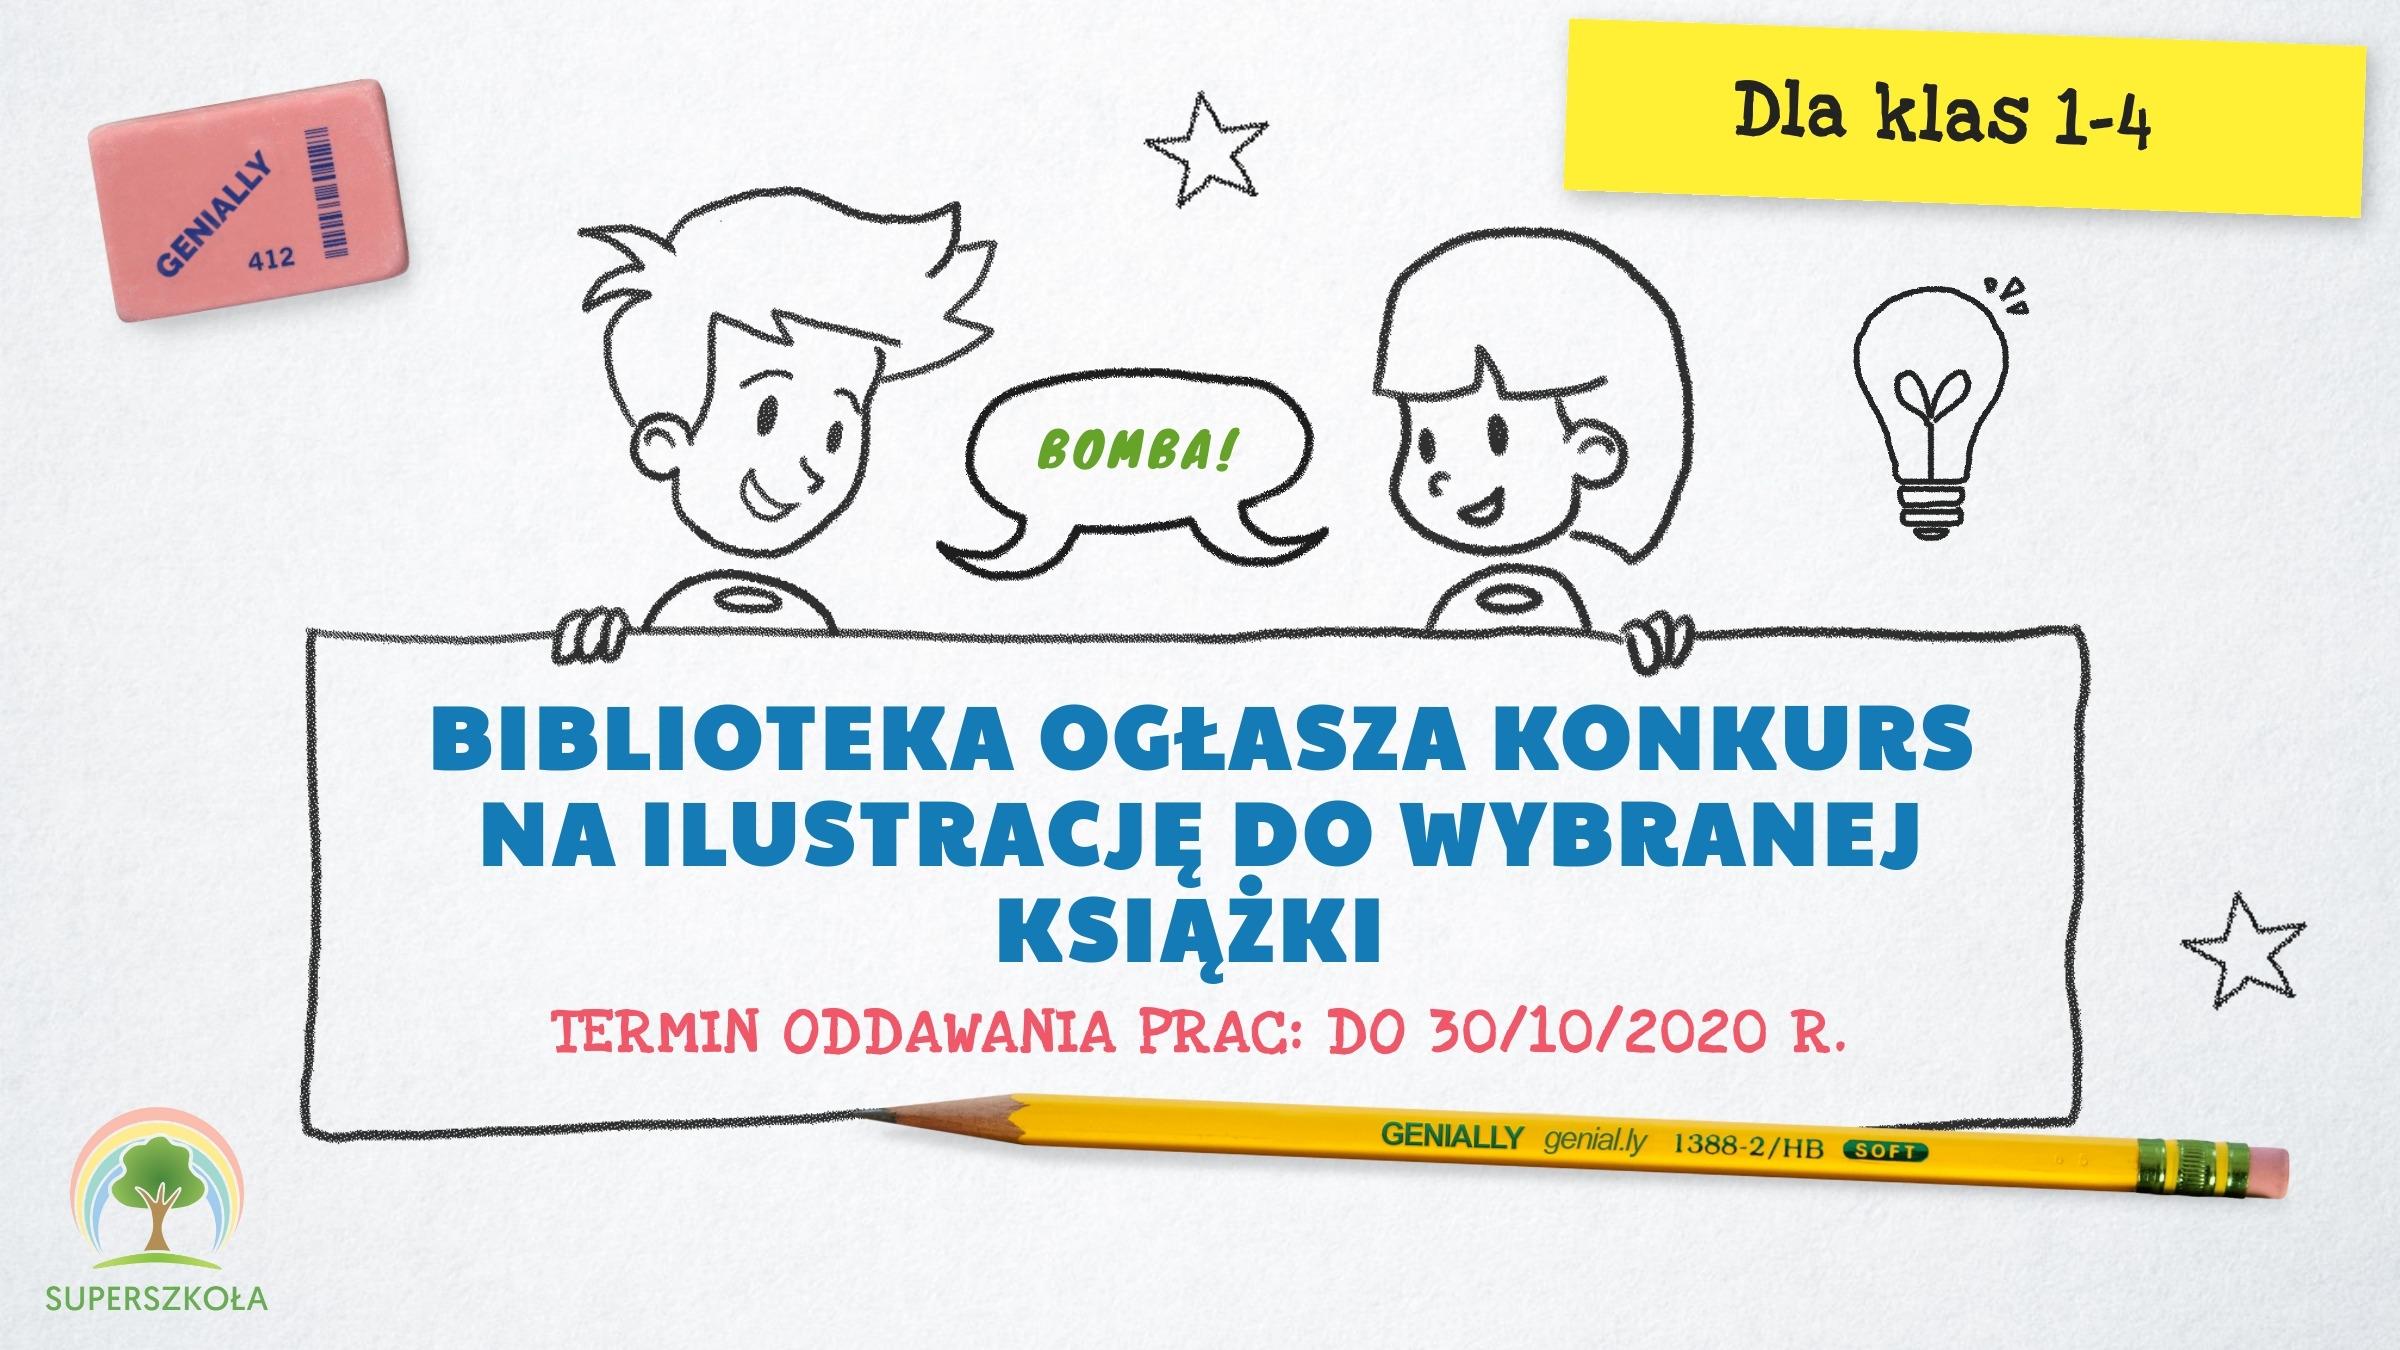 Konkurs biblioteczny na ilustracje